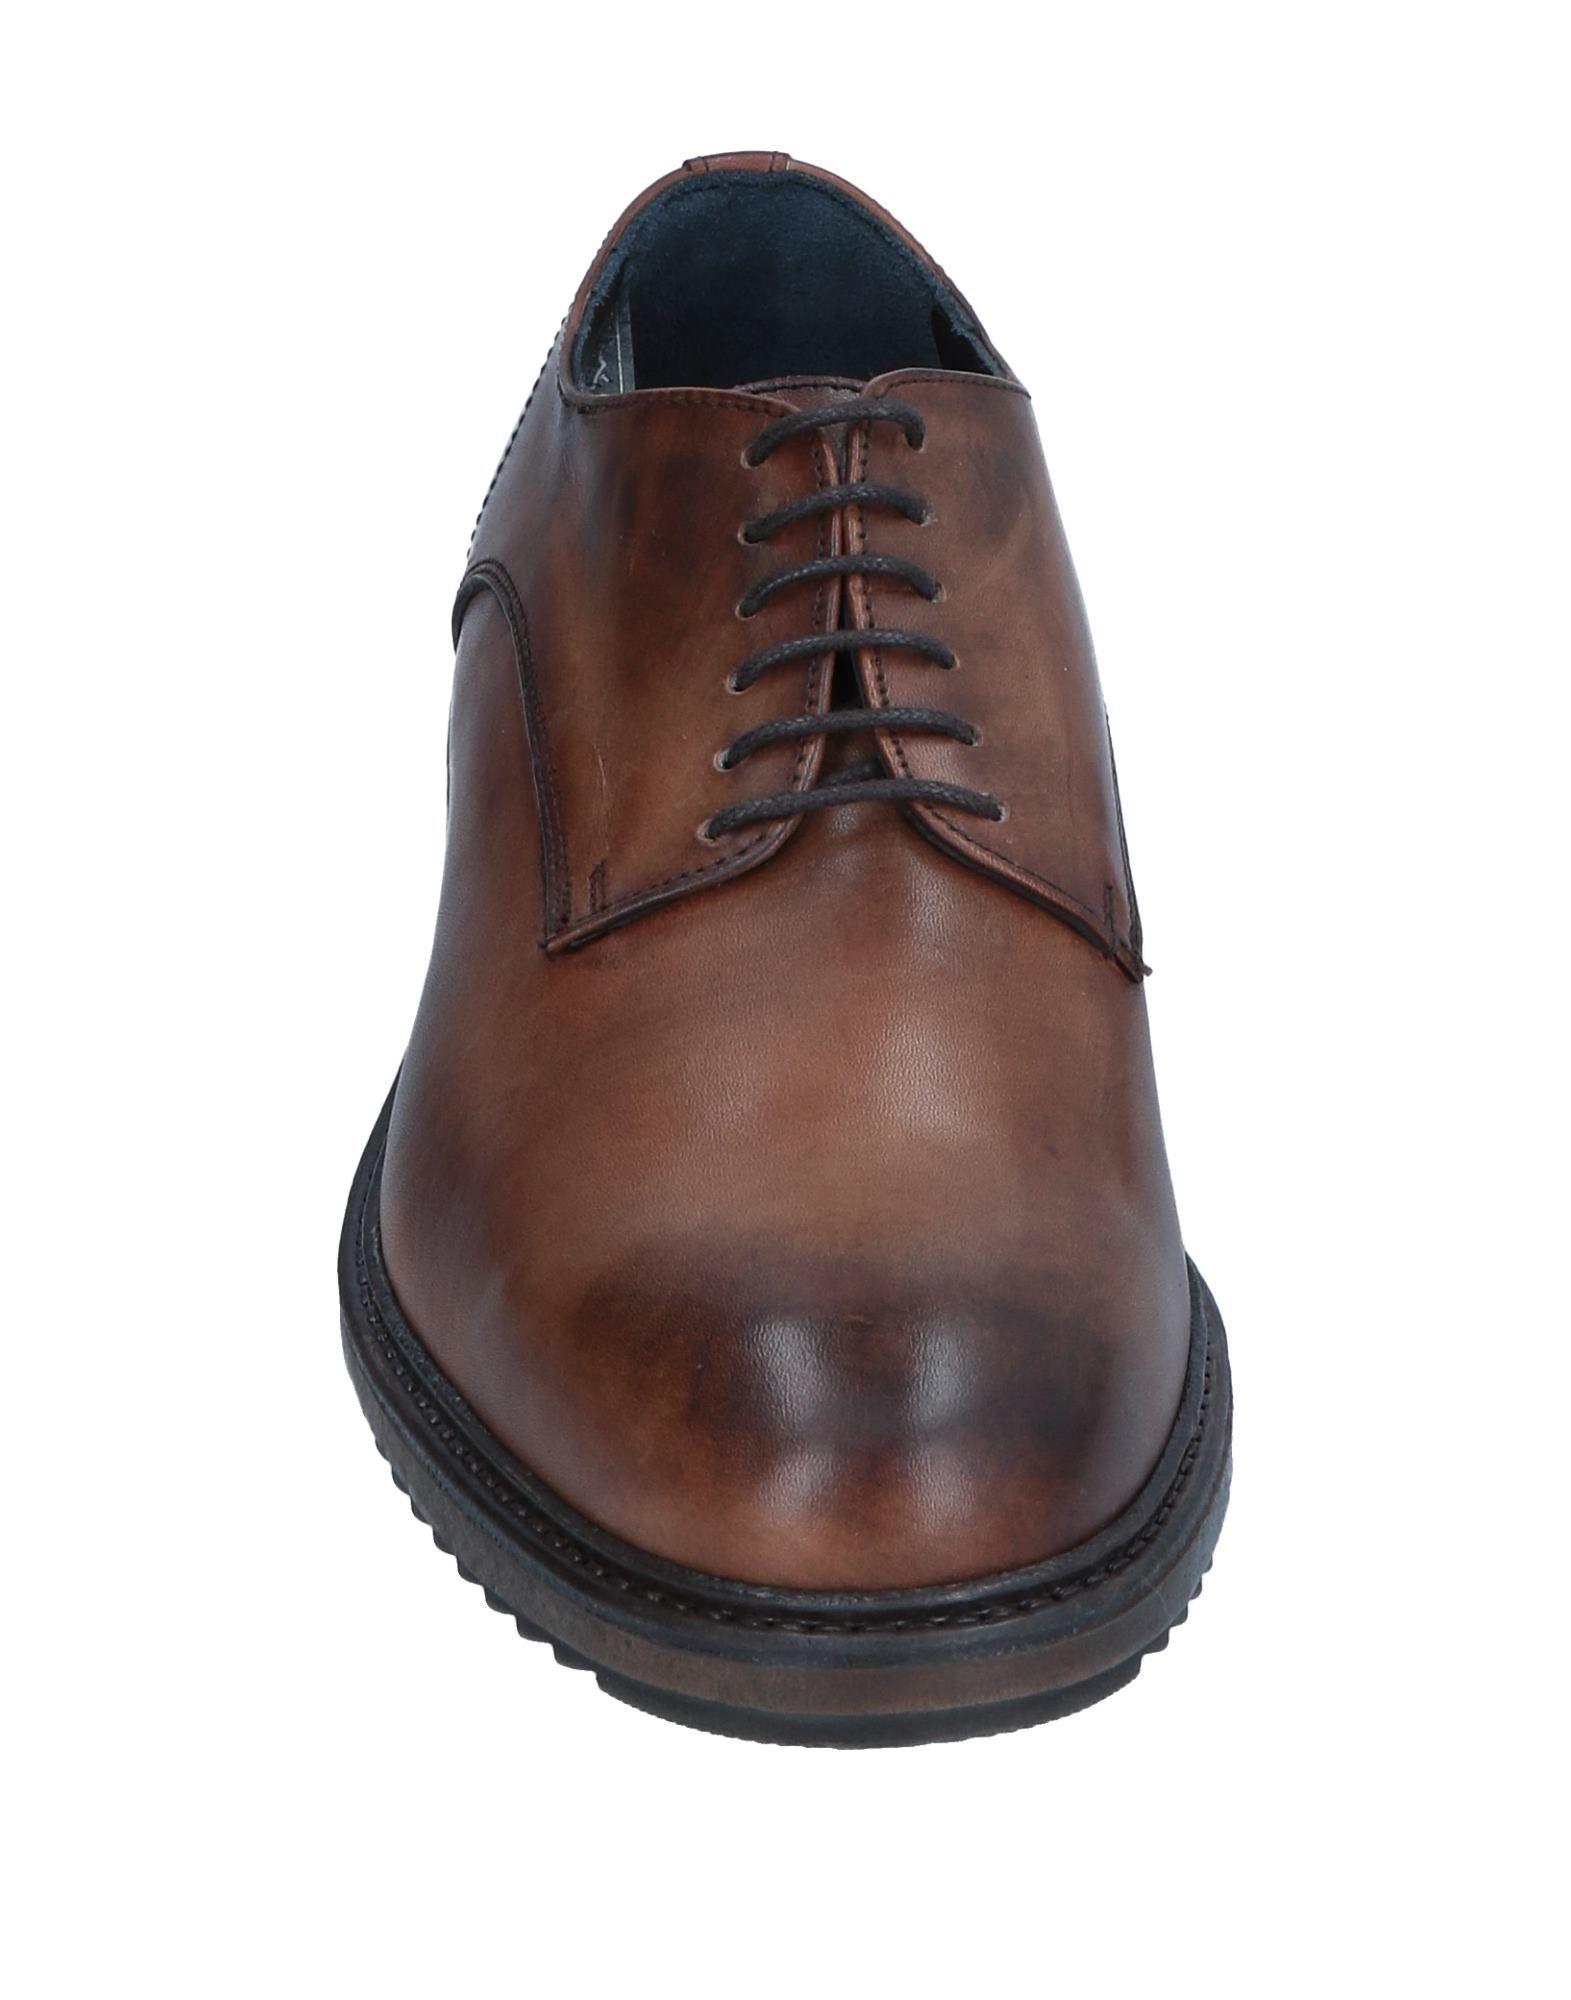 Rabatt echte Schuhe Ton 11557507UB Goût Schnürschuhe Herren  11557507UB Ton 95e370